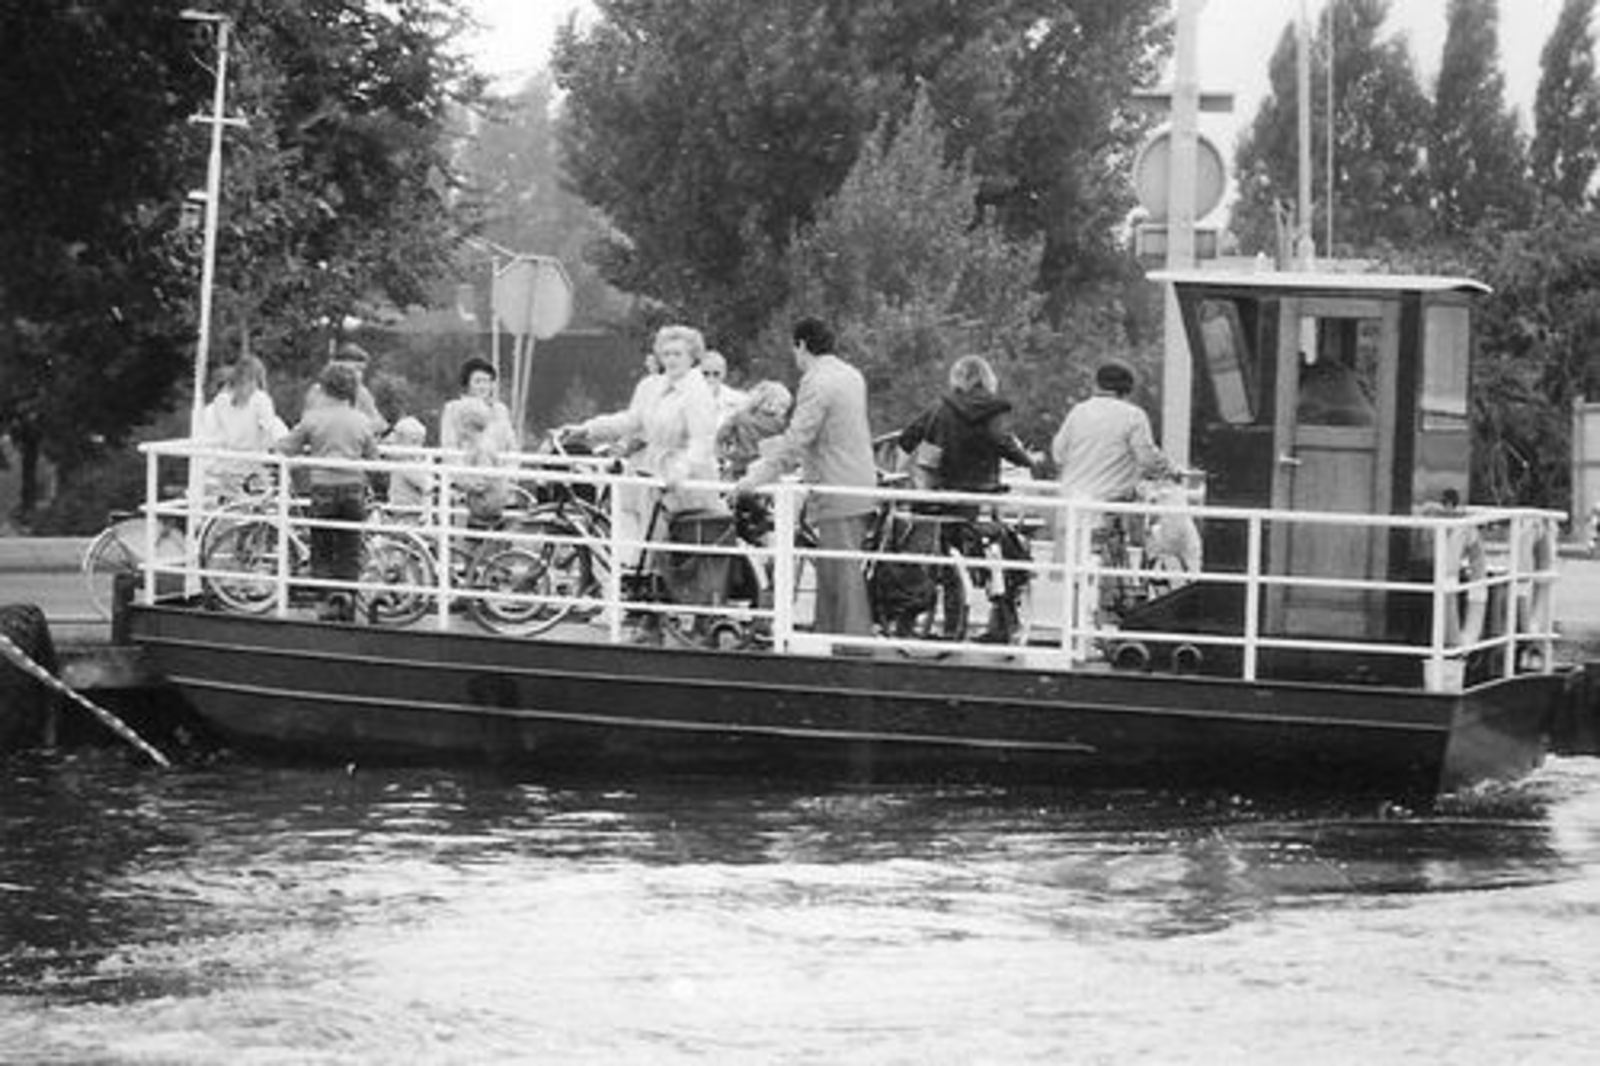 Aalsmeerderdijk 0675± 1982 Pontje Uiterweg 0